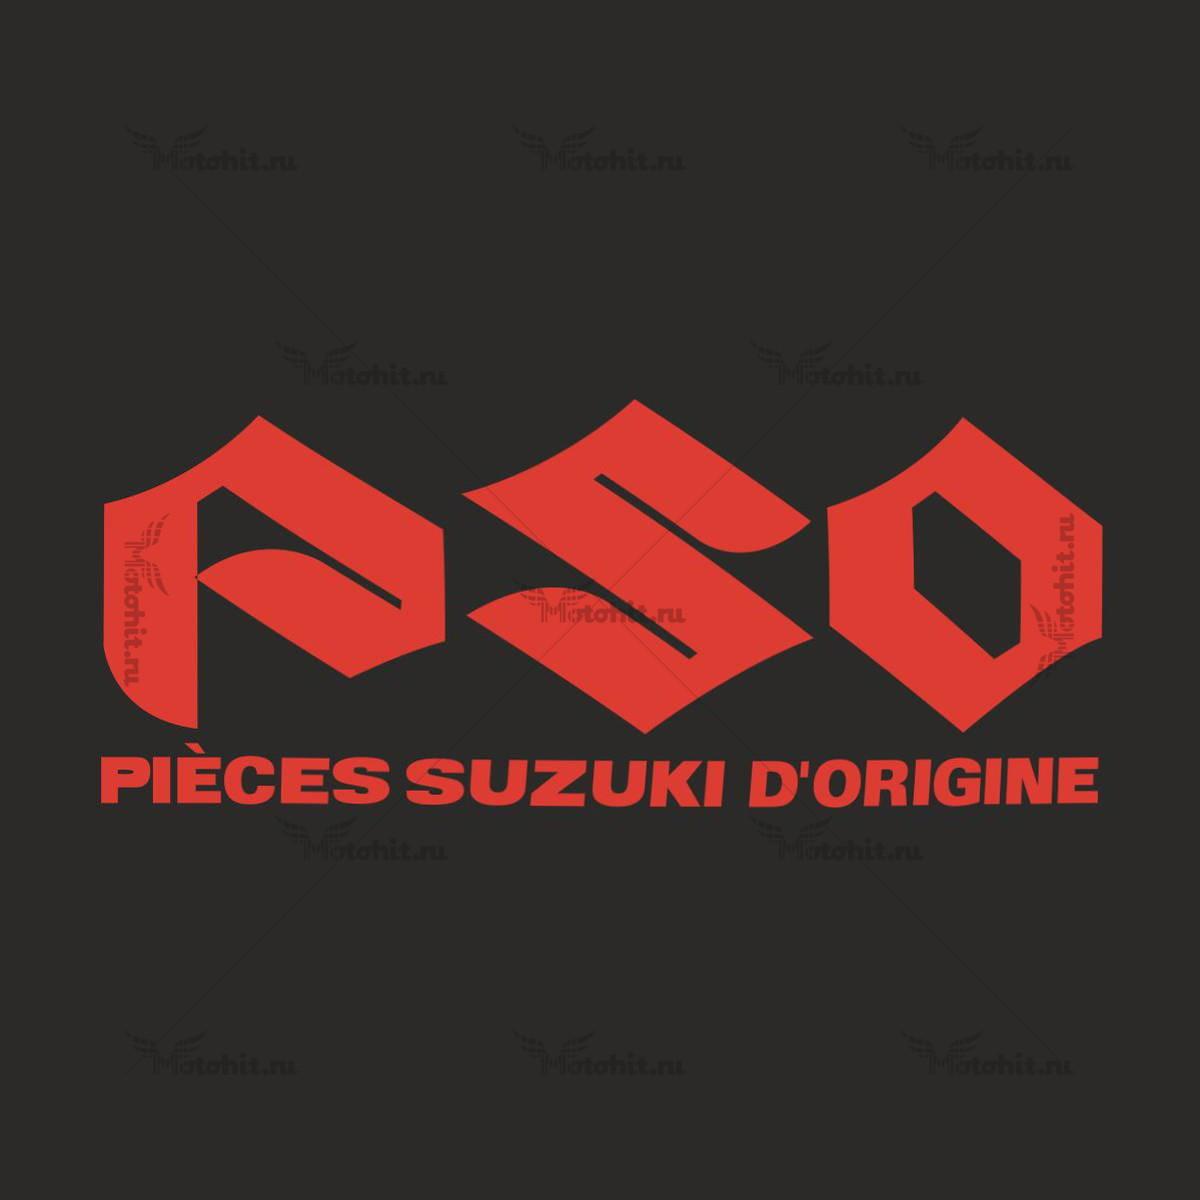 Наклейка SUZUKI PSO